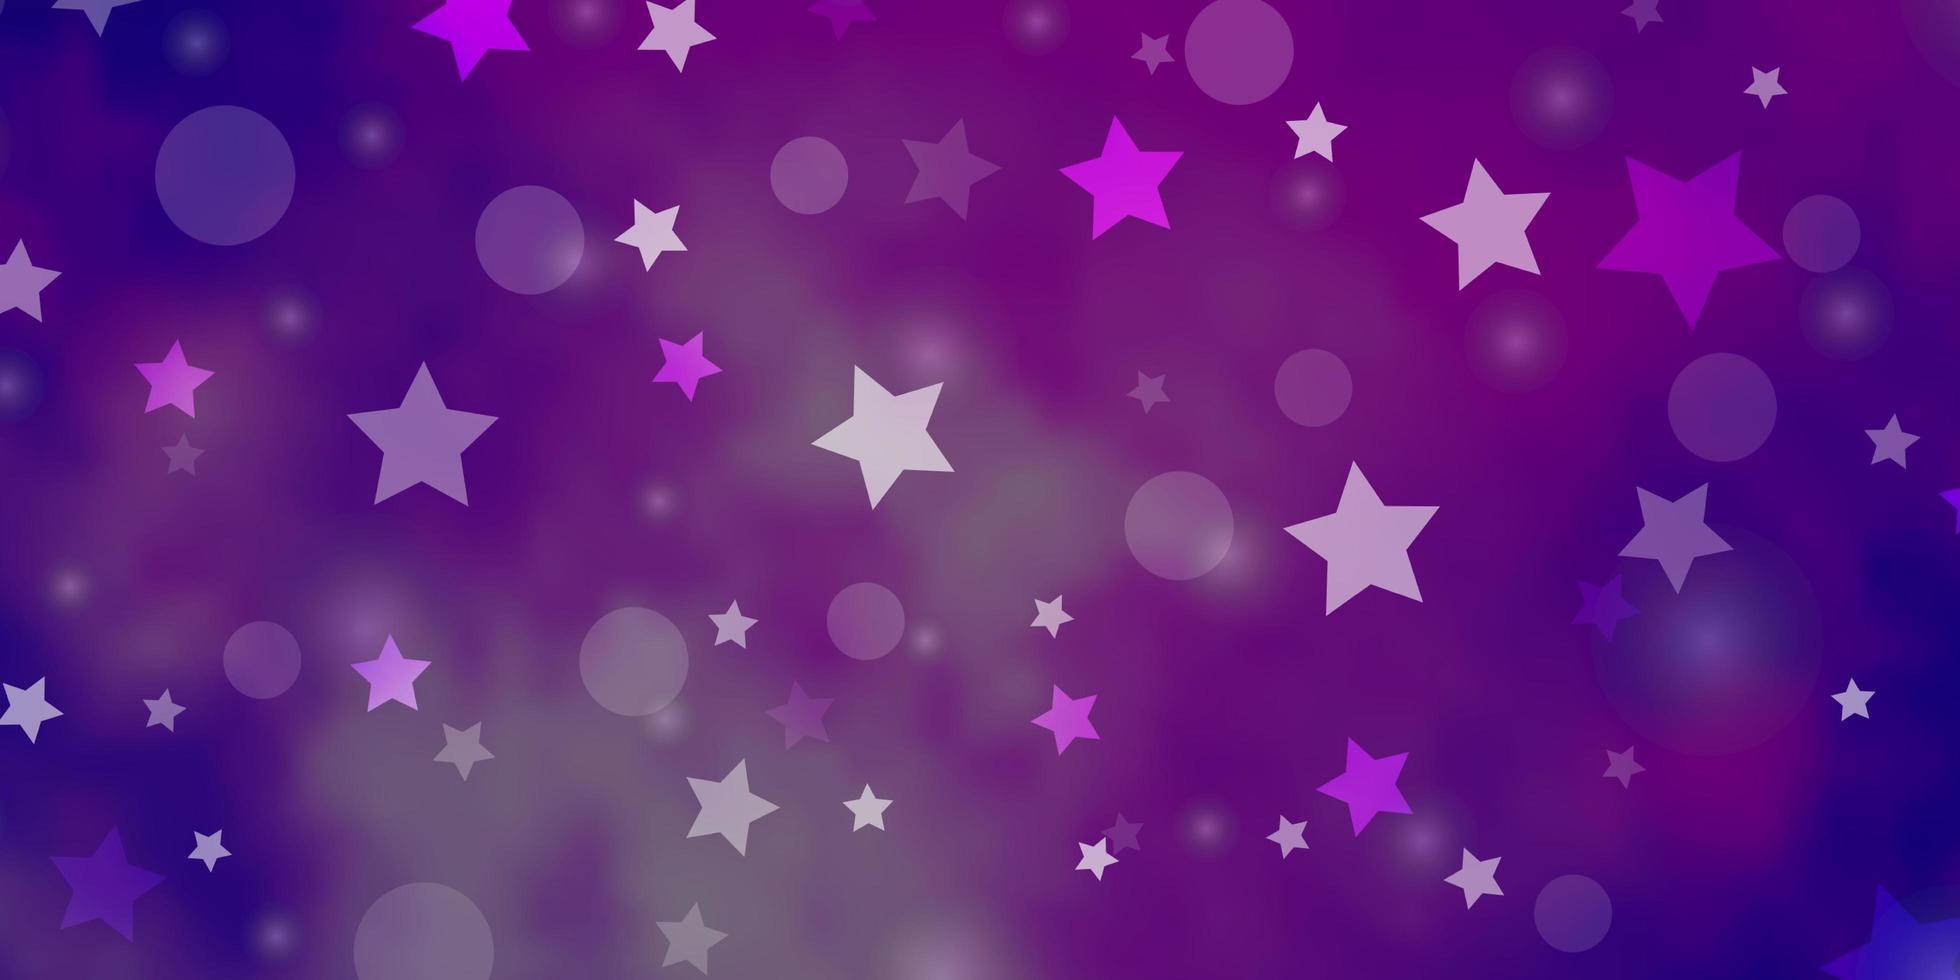 Fondo de vector púrpura claro con círculos, estrellas.